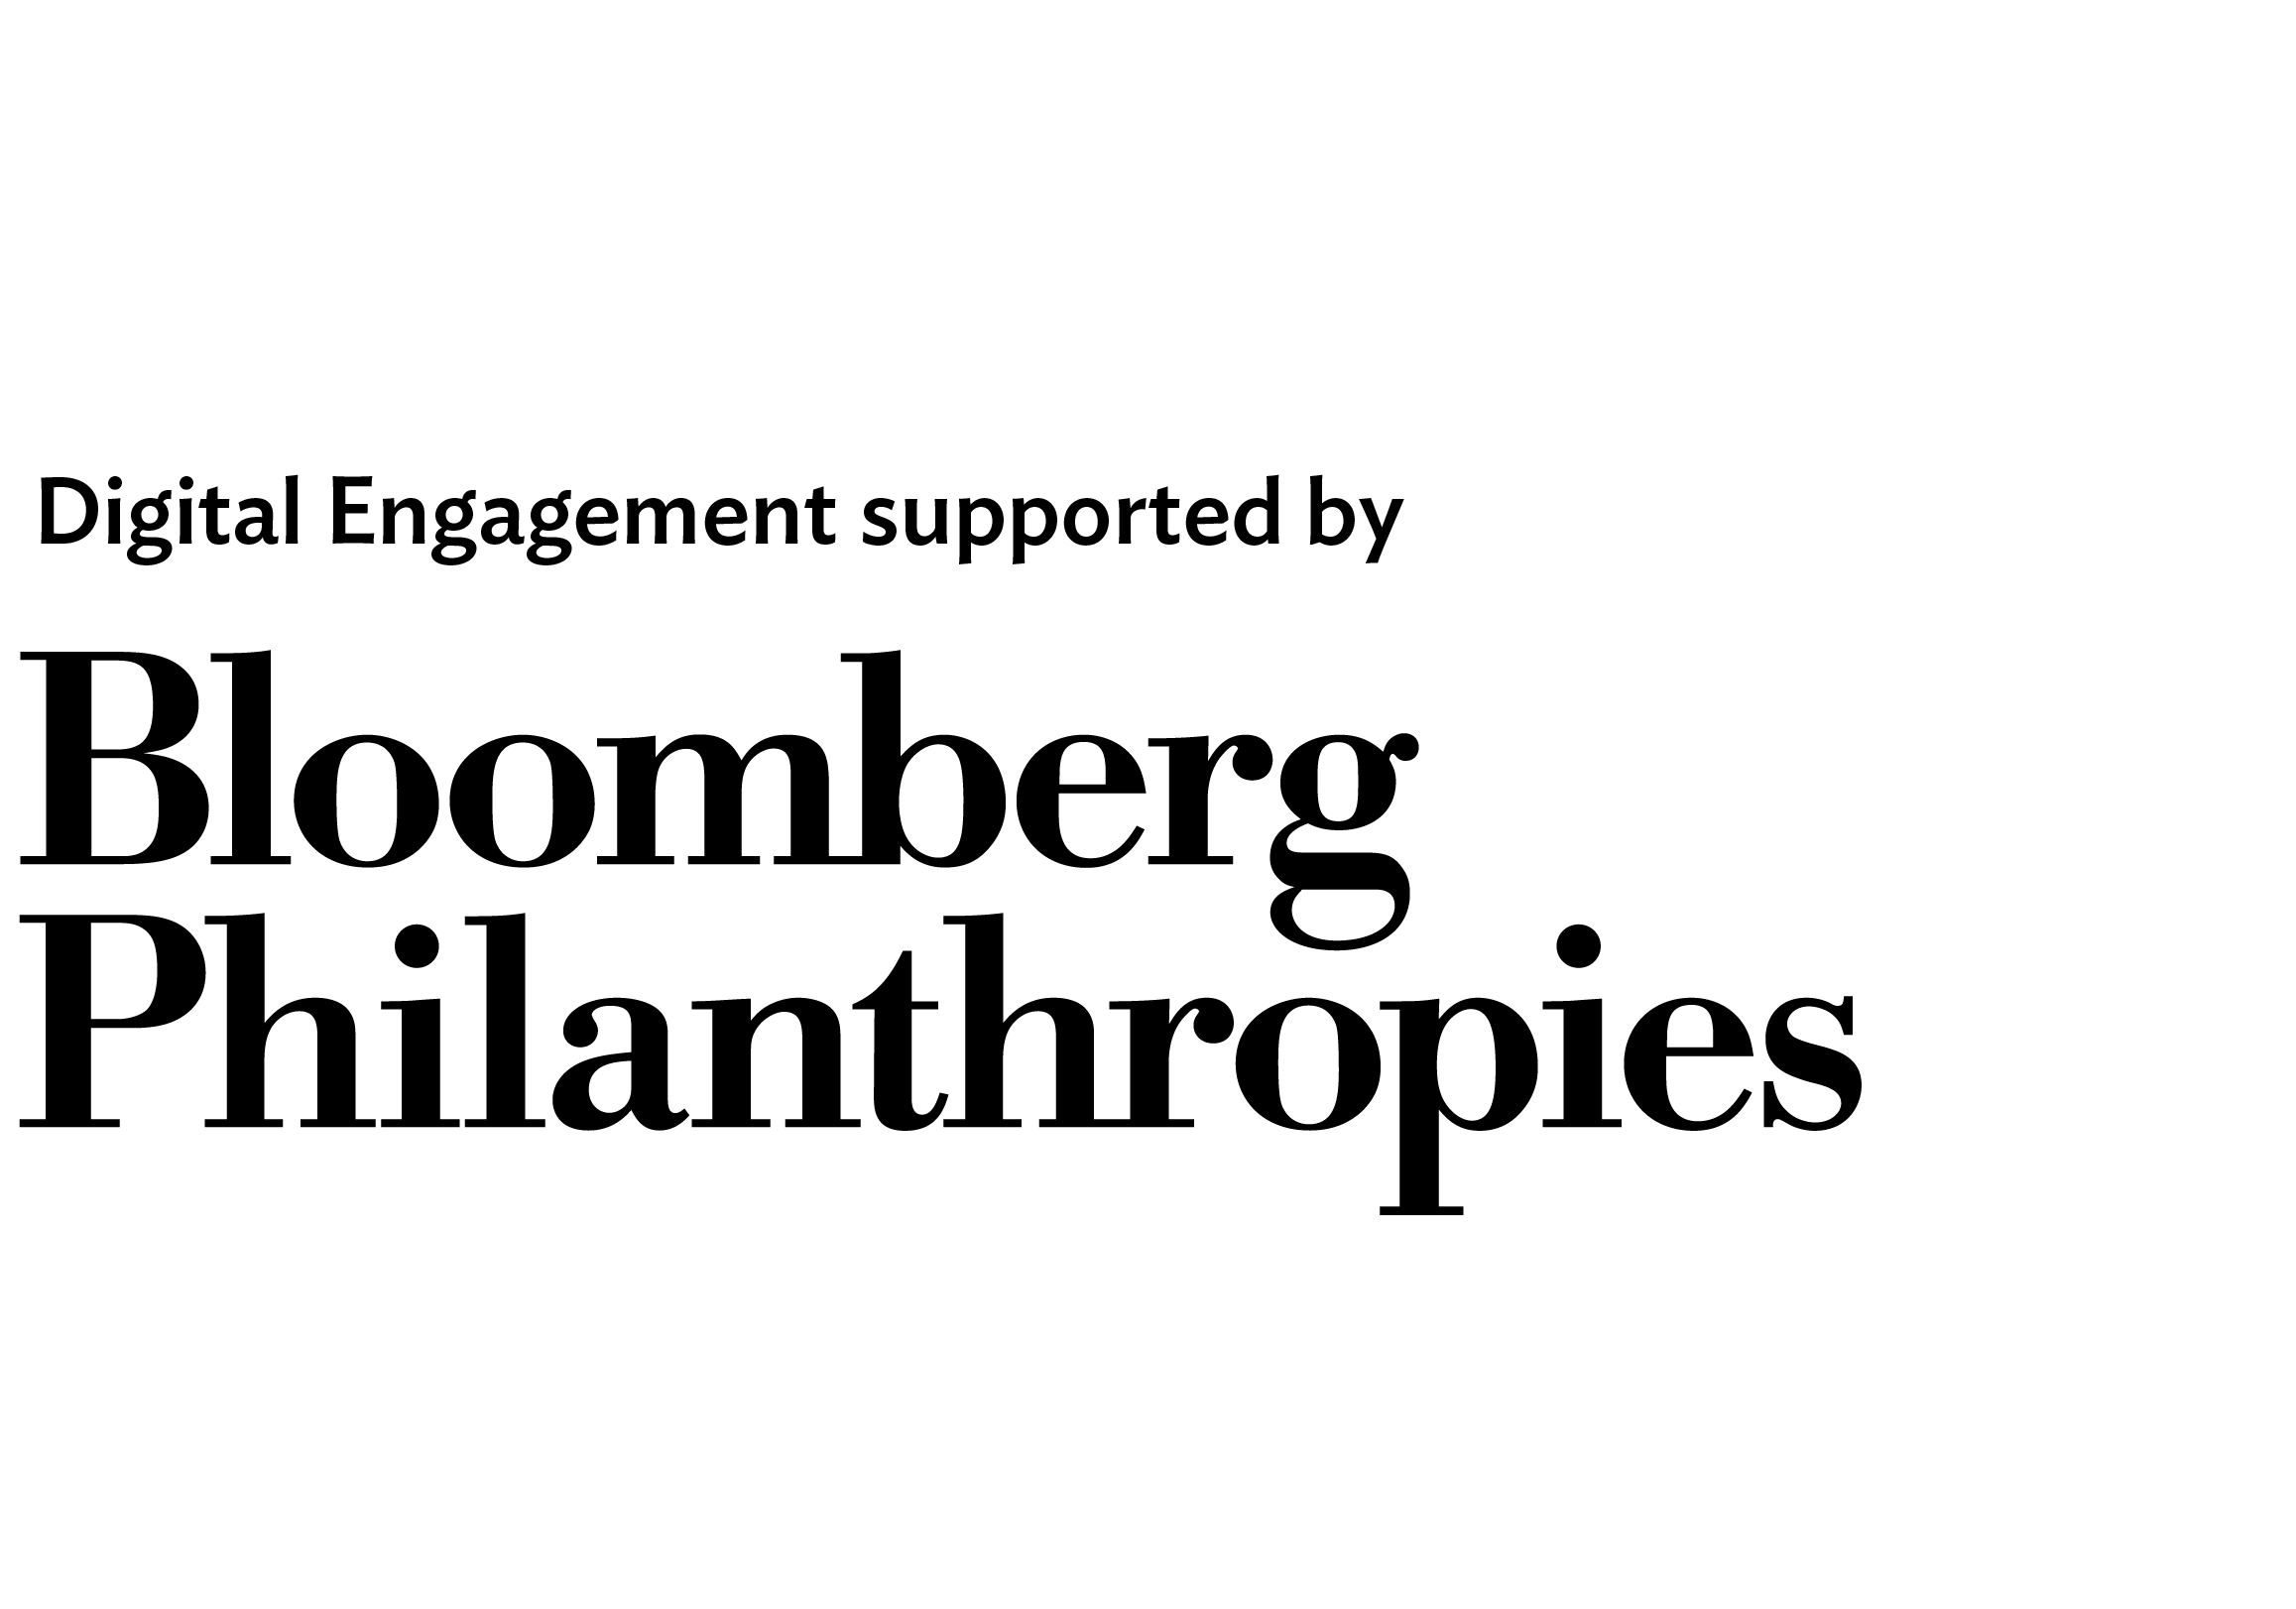 Bloomberg Black Sized For Blog